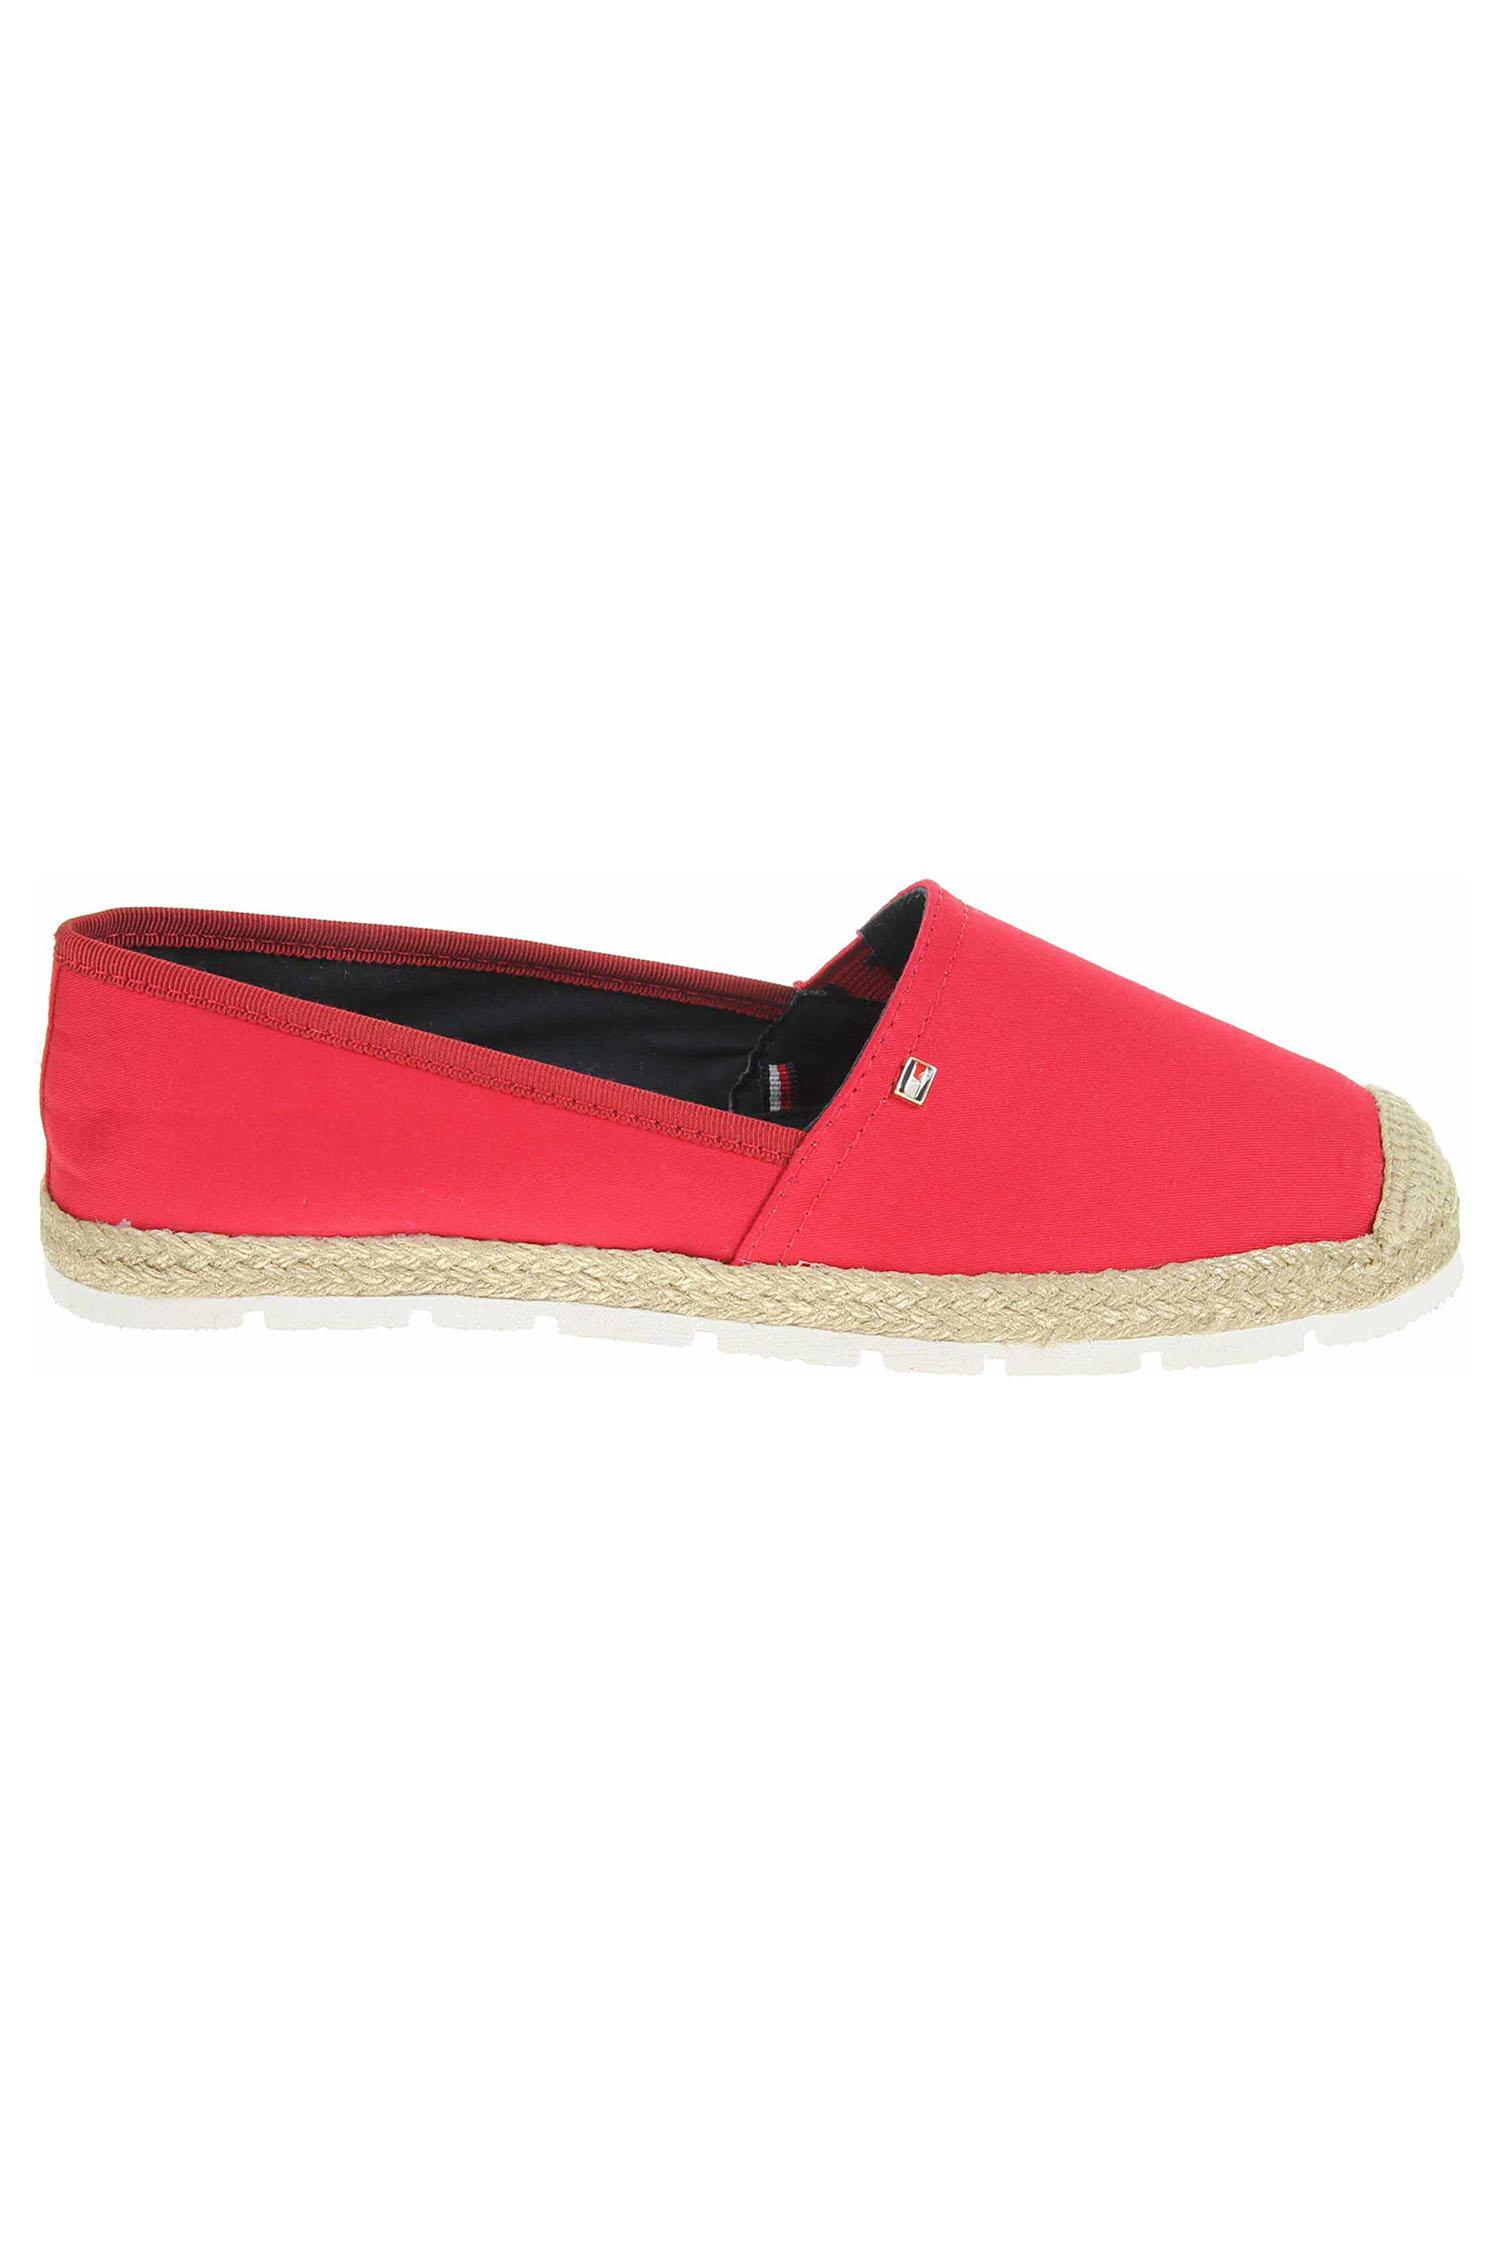 ef273b13240 Tommy Hilfiger dámská obuv FW0FW02409 611 tango red FW0FW02409 611 ...